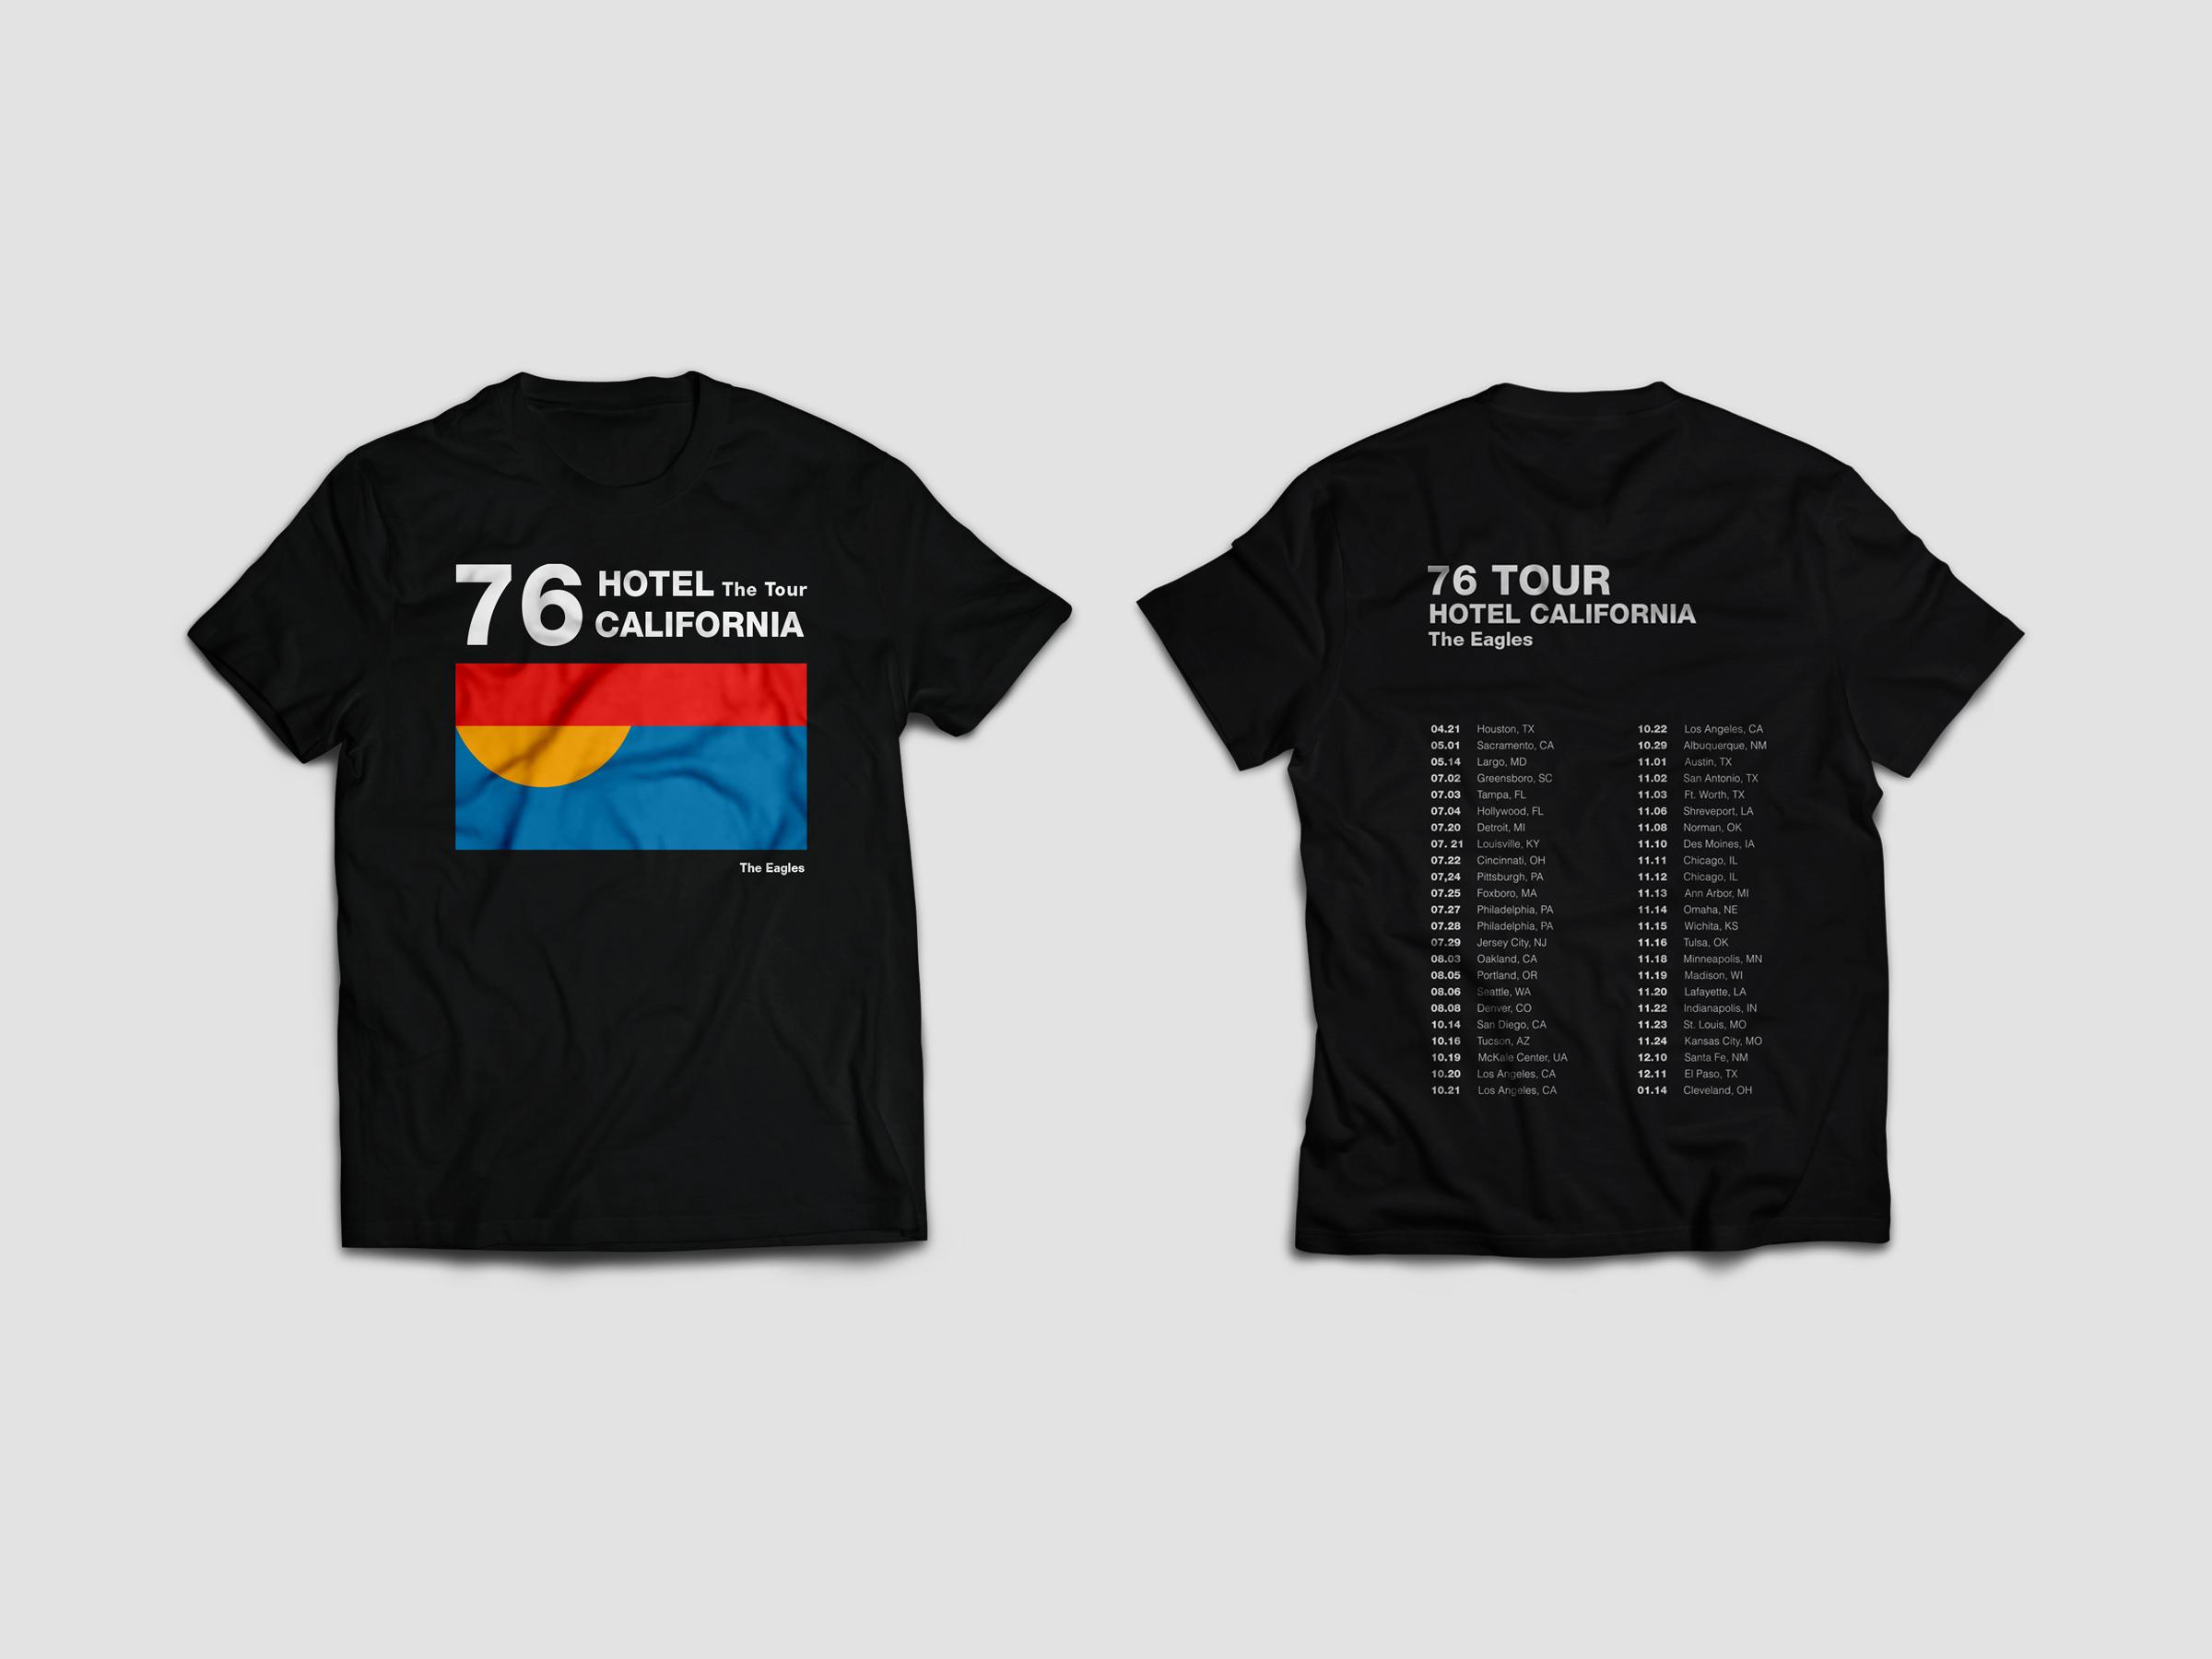 tshirts_both.jpg